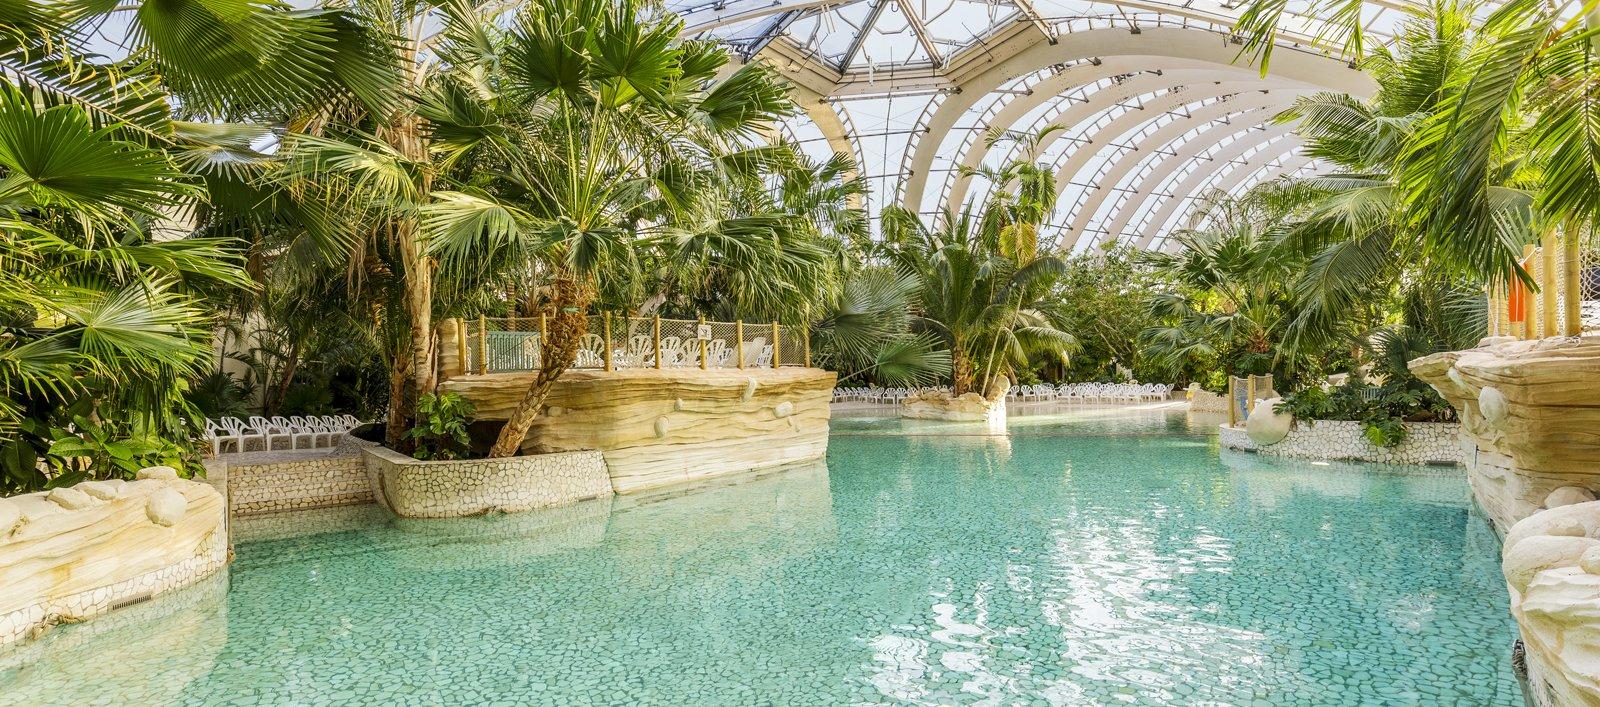 aquamondo_center-Parcs